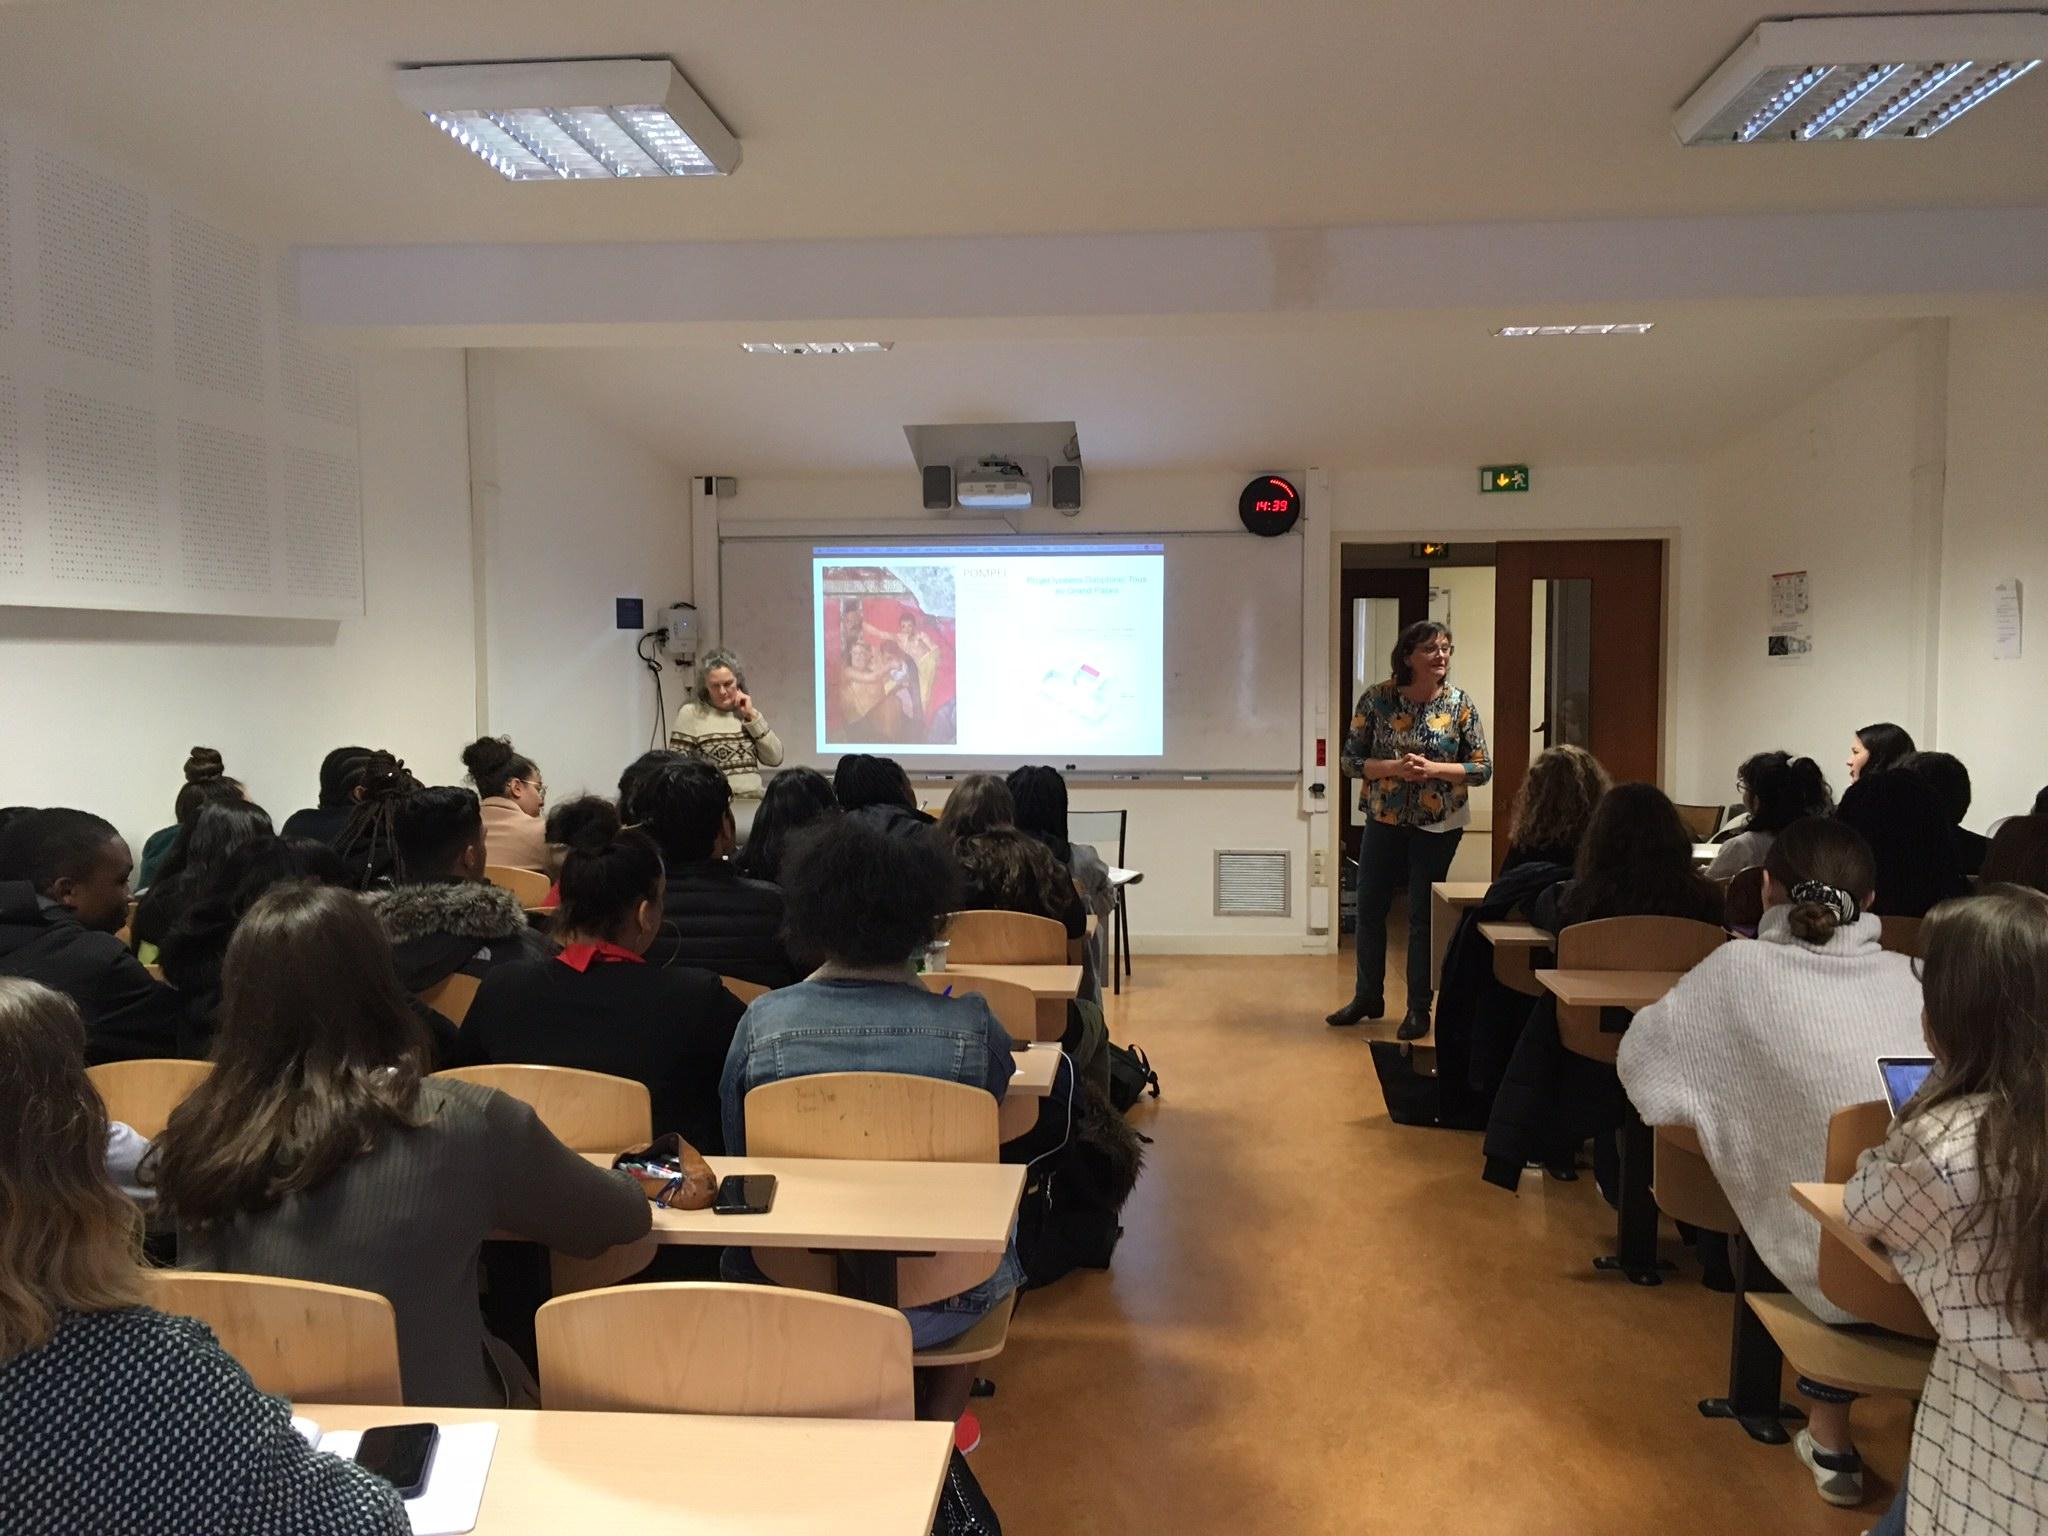 Les élèves préparant Sc-po Dauphine à la rencontre des membres du Grand Palais et de Dauphine : une 1ere etape du projet de médiation culturelle